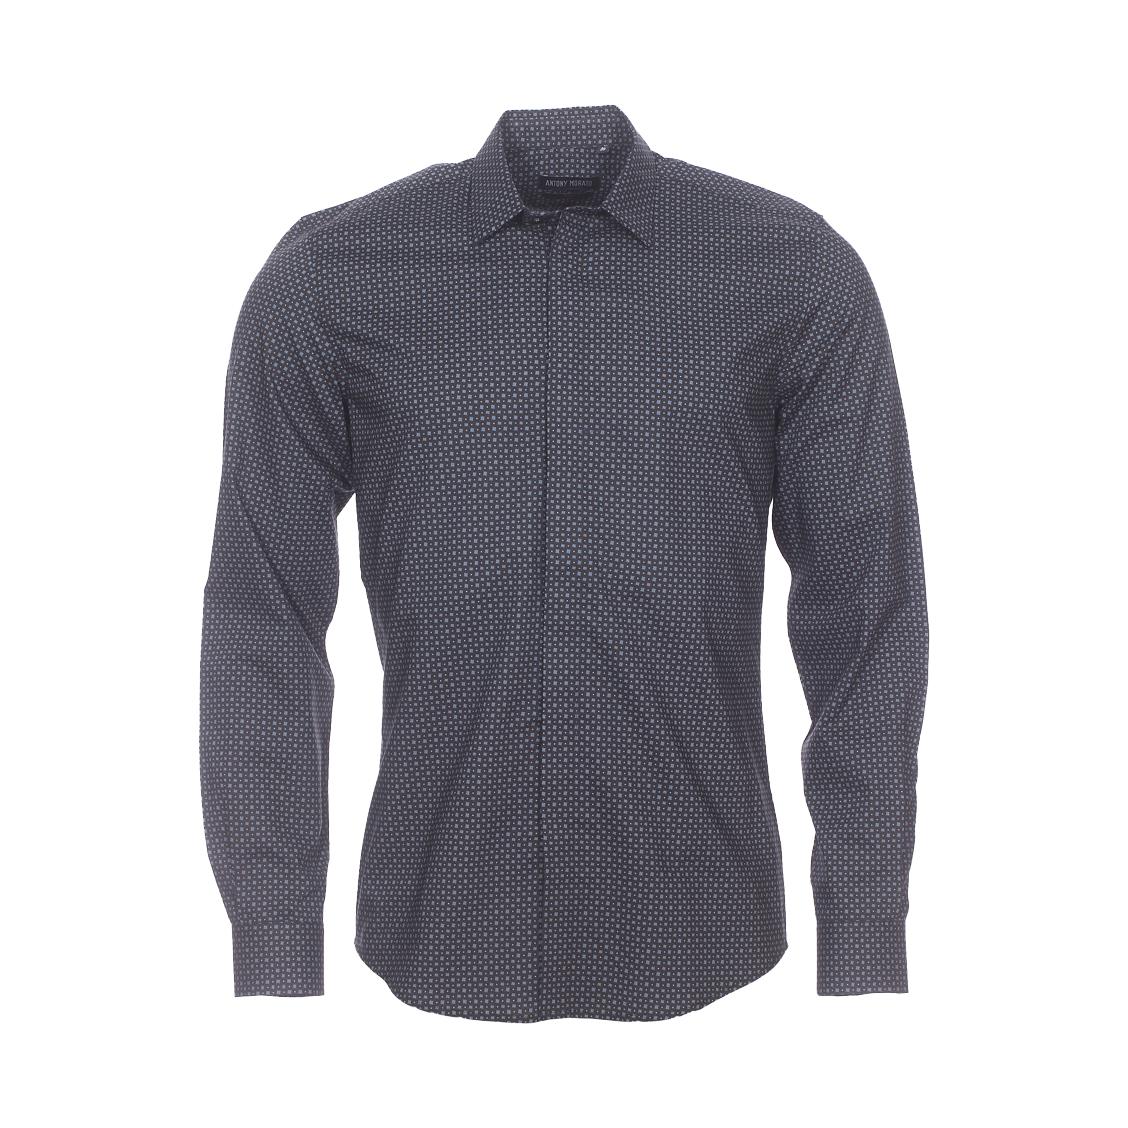 Chemise cintrée Antony Morato en coton noir à carreaux gris et petits ronds marron clair